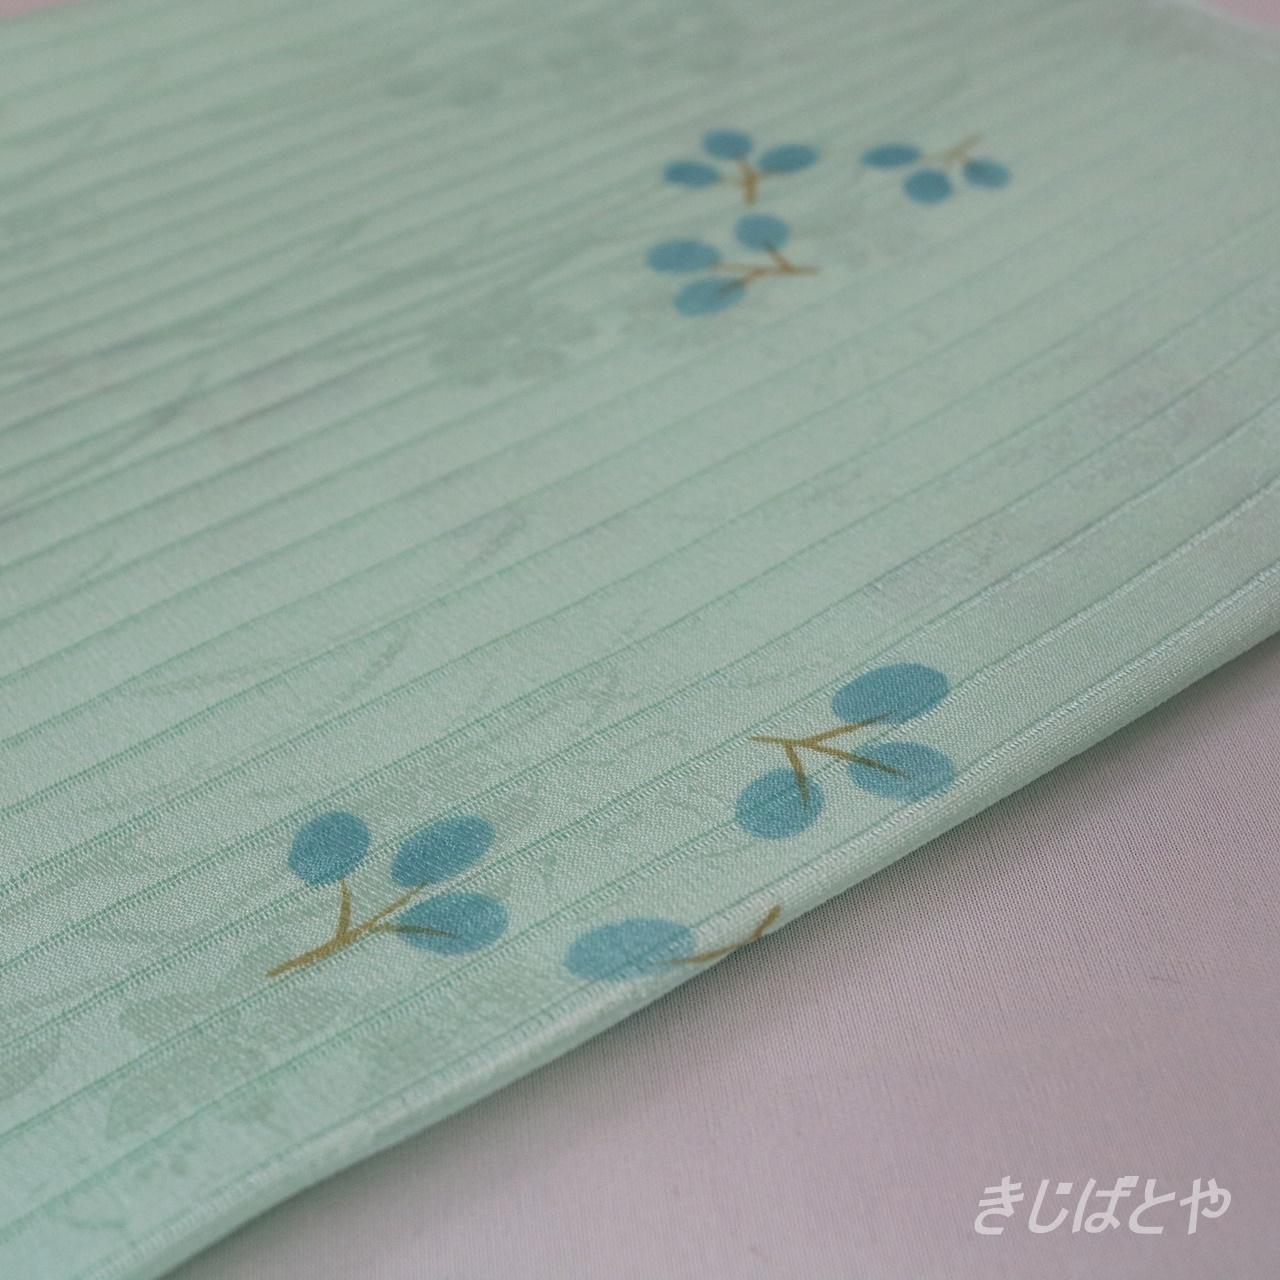 正絹絽 萩の柄の帯揚げ 秘色(ひそく)